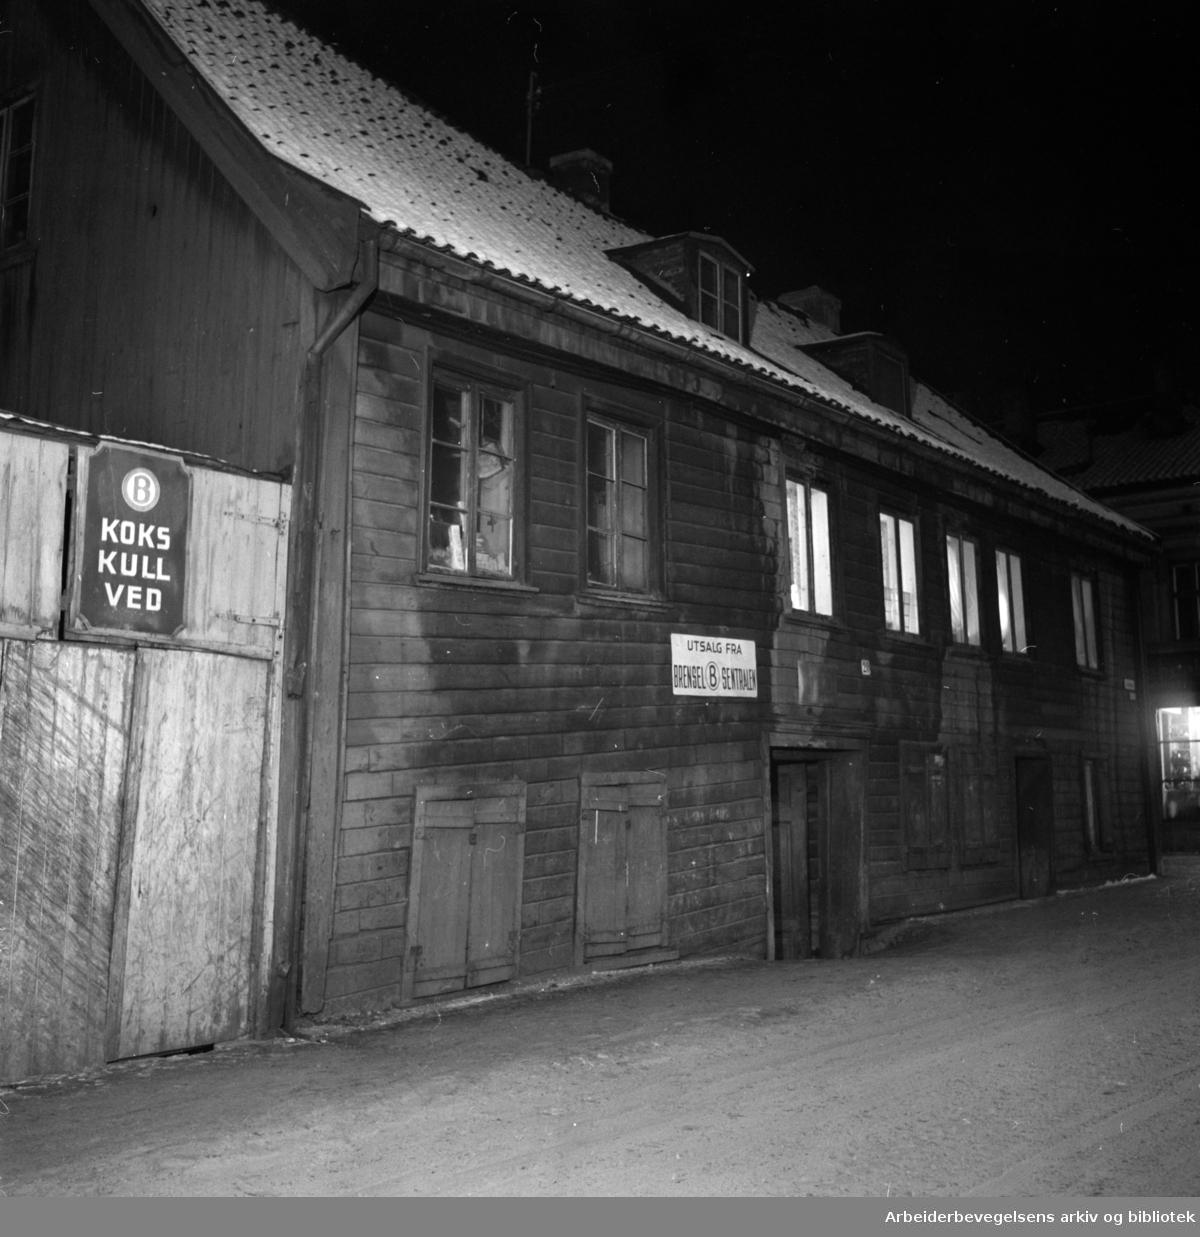 Lakkegata 20. Kull, koks og vedutsalg. Januar 1954